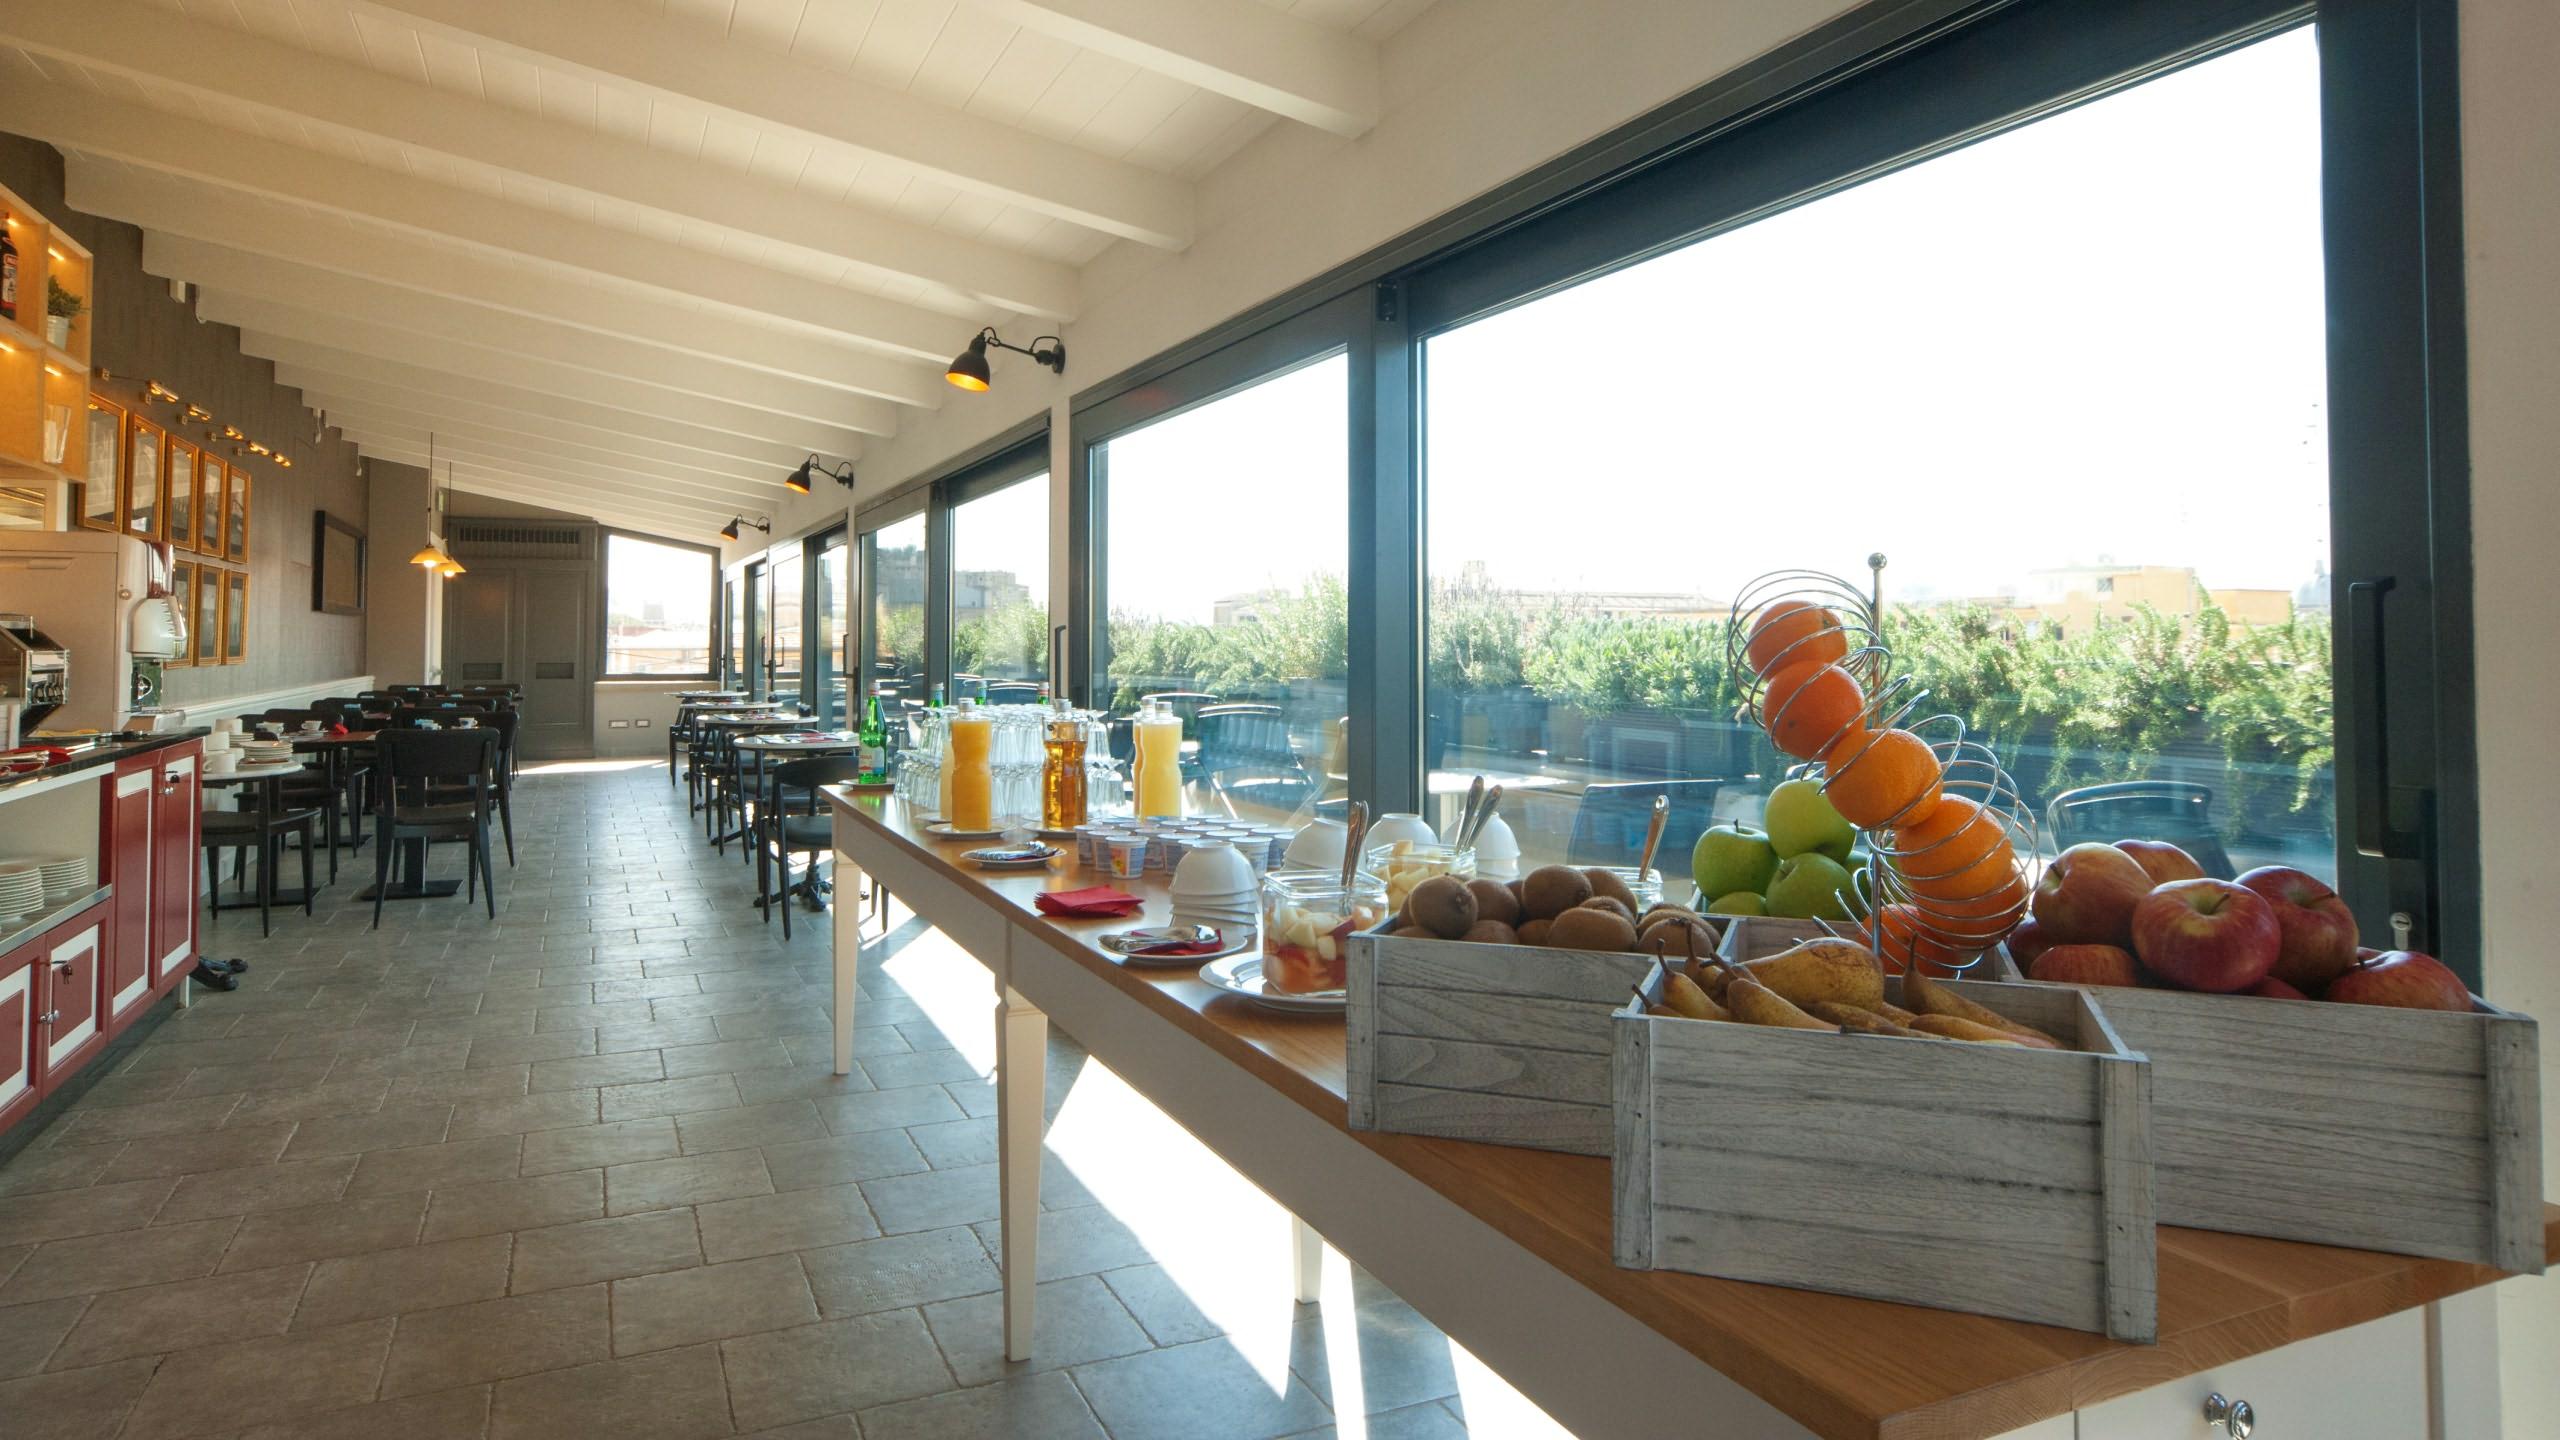 hoteltrianon-colazione-5867-1